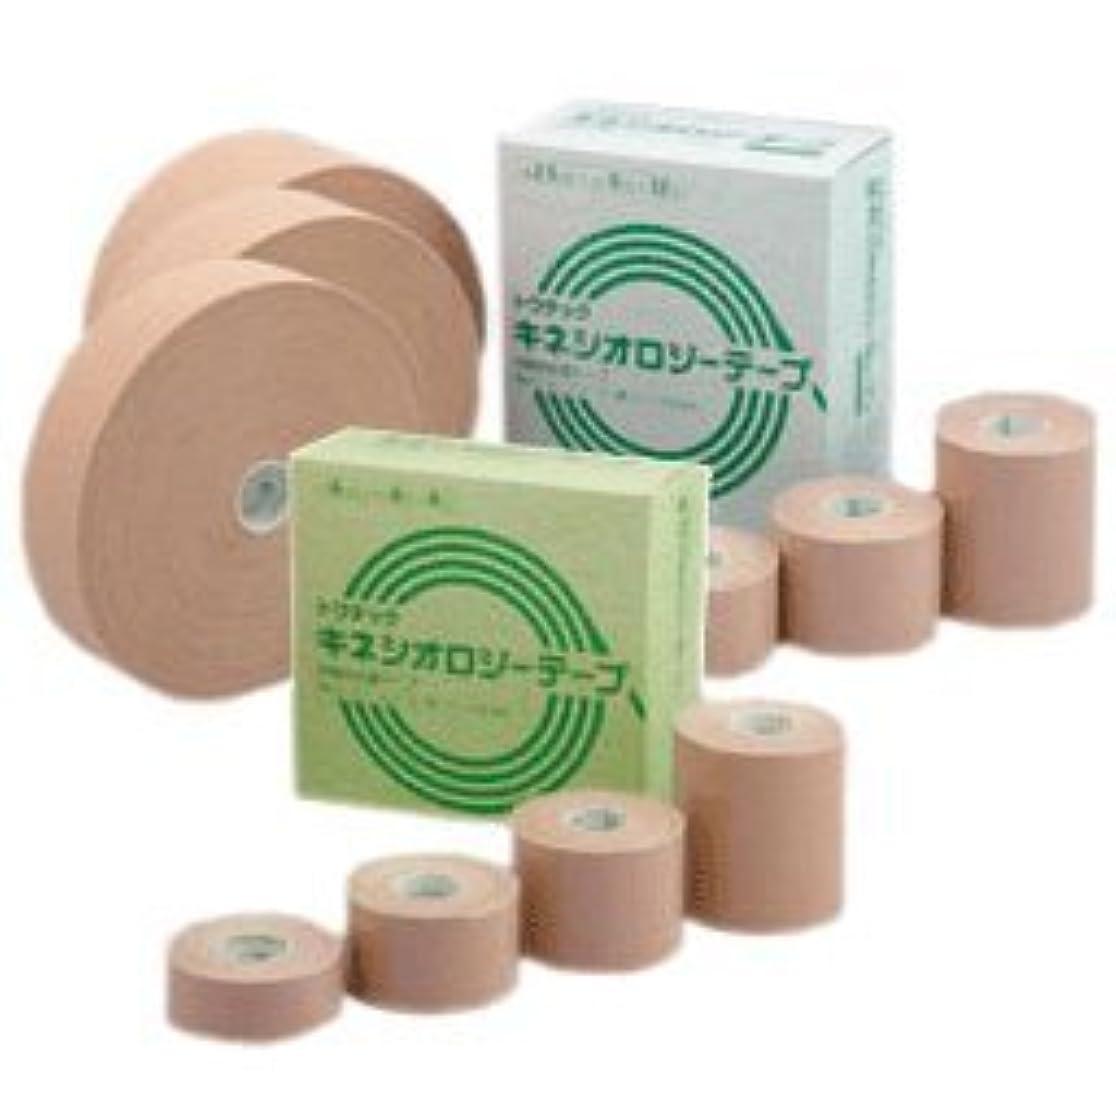 メディア偽善野生トワテック キネシオロジーテープ スポーツタイプ業務用 7.5cm×32m